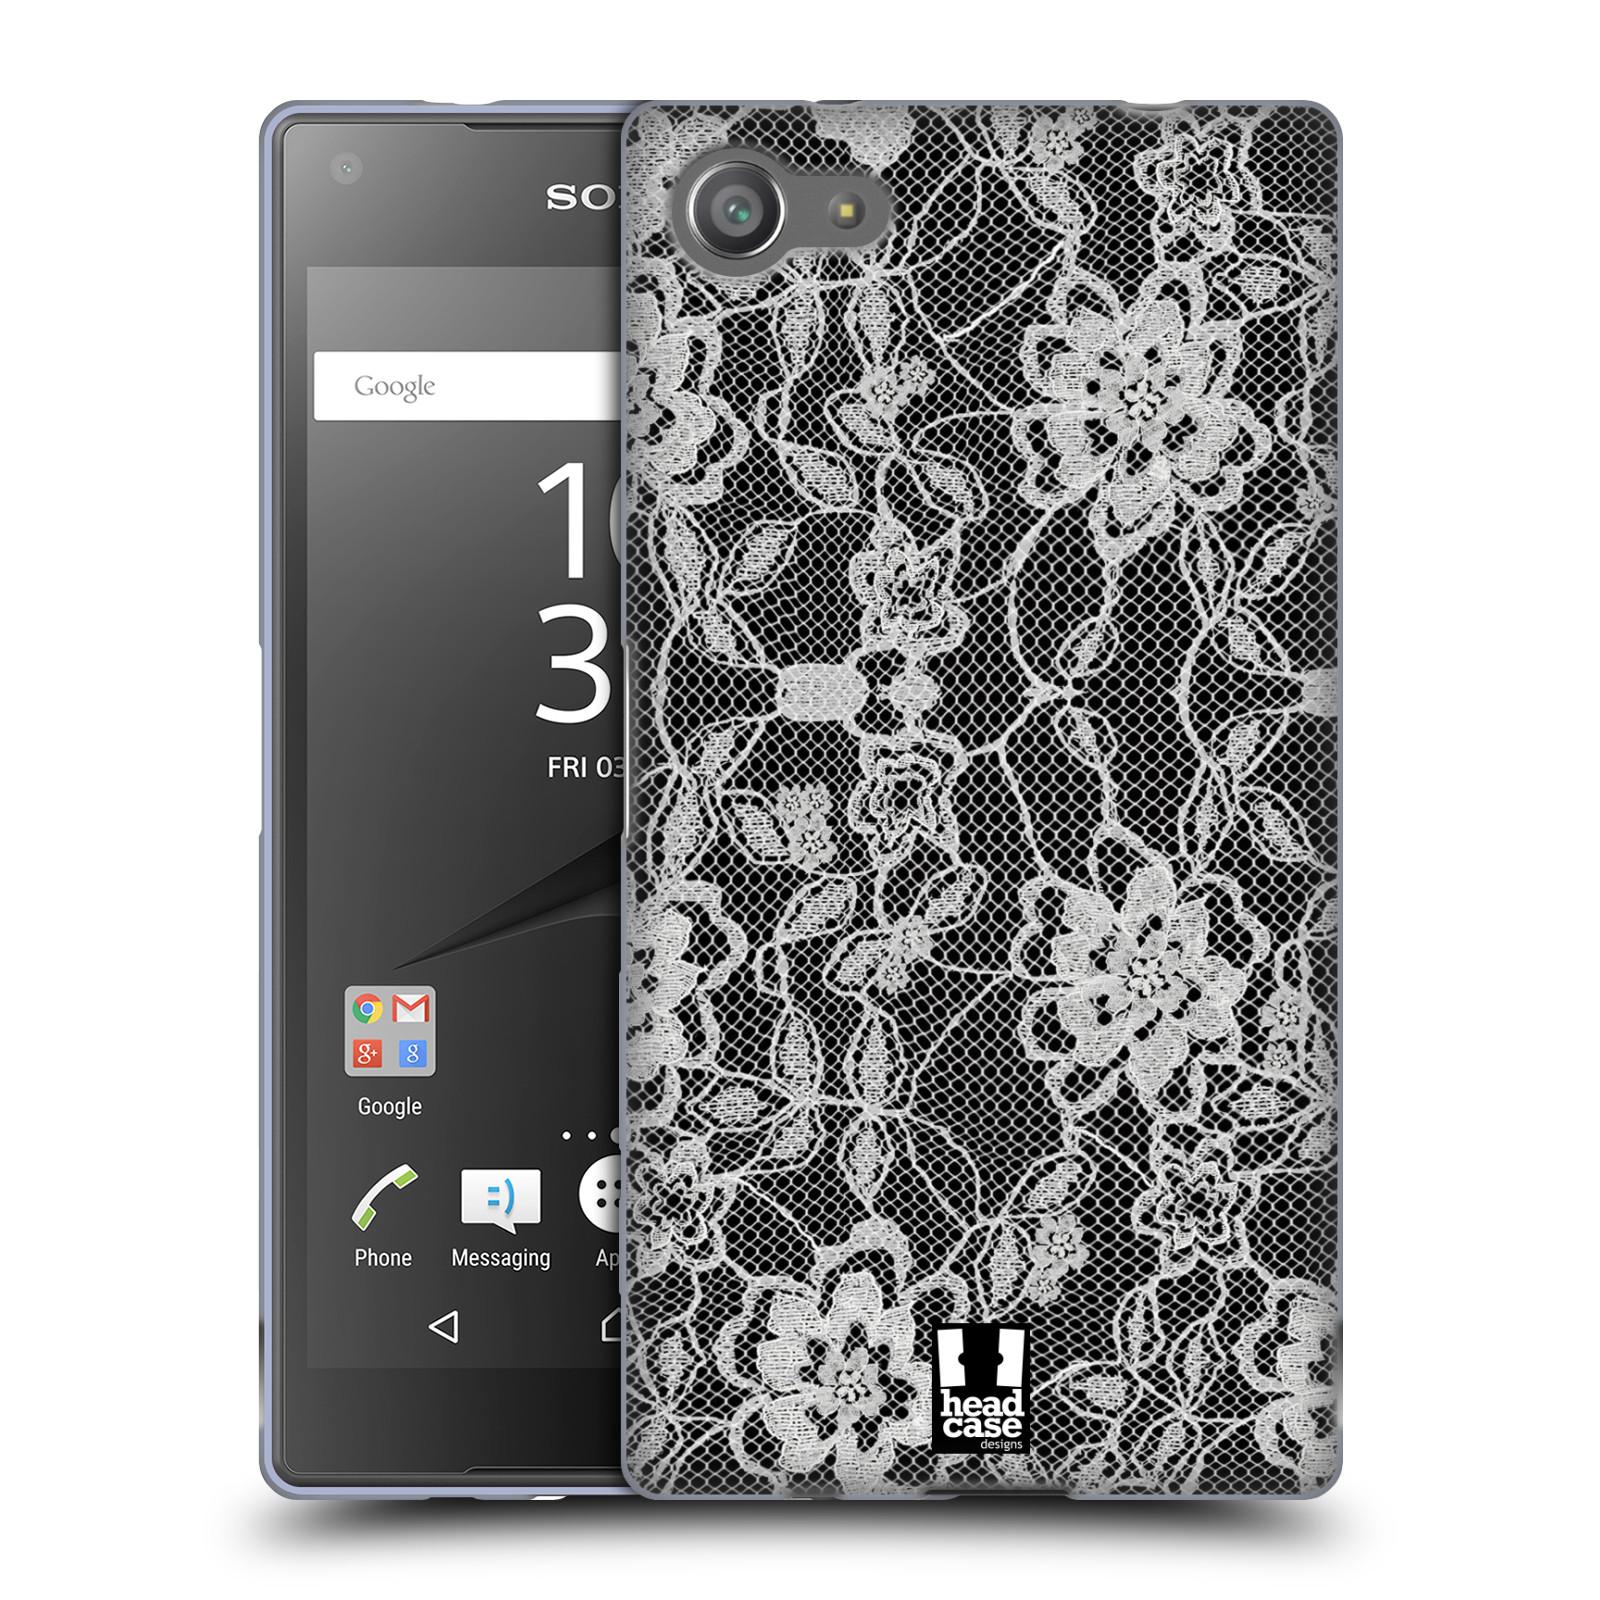 Silikonové pouzdro na mobil Sony Xperia Z5 Compact HEAD CASE FLOWERY KRAJKA